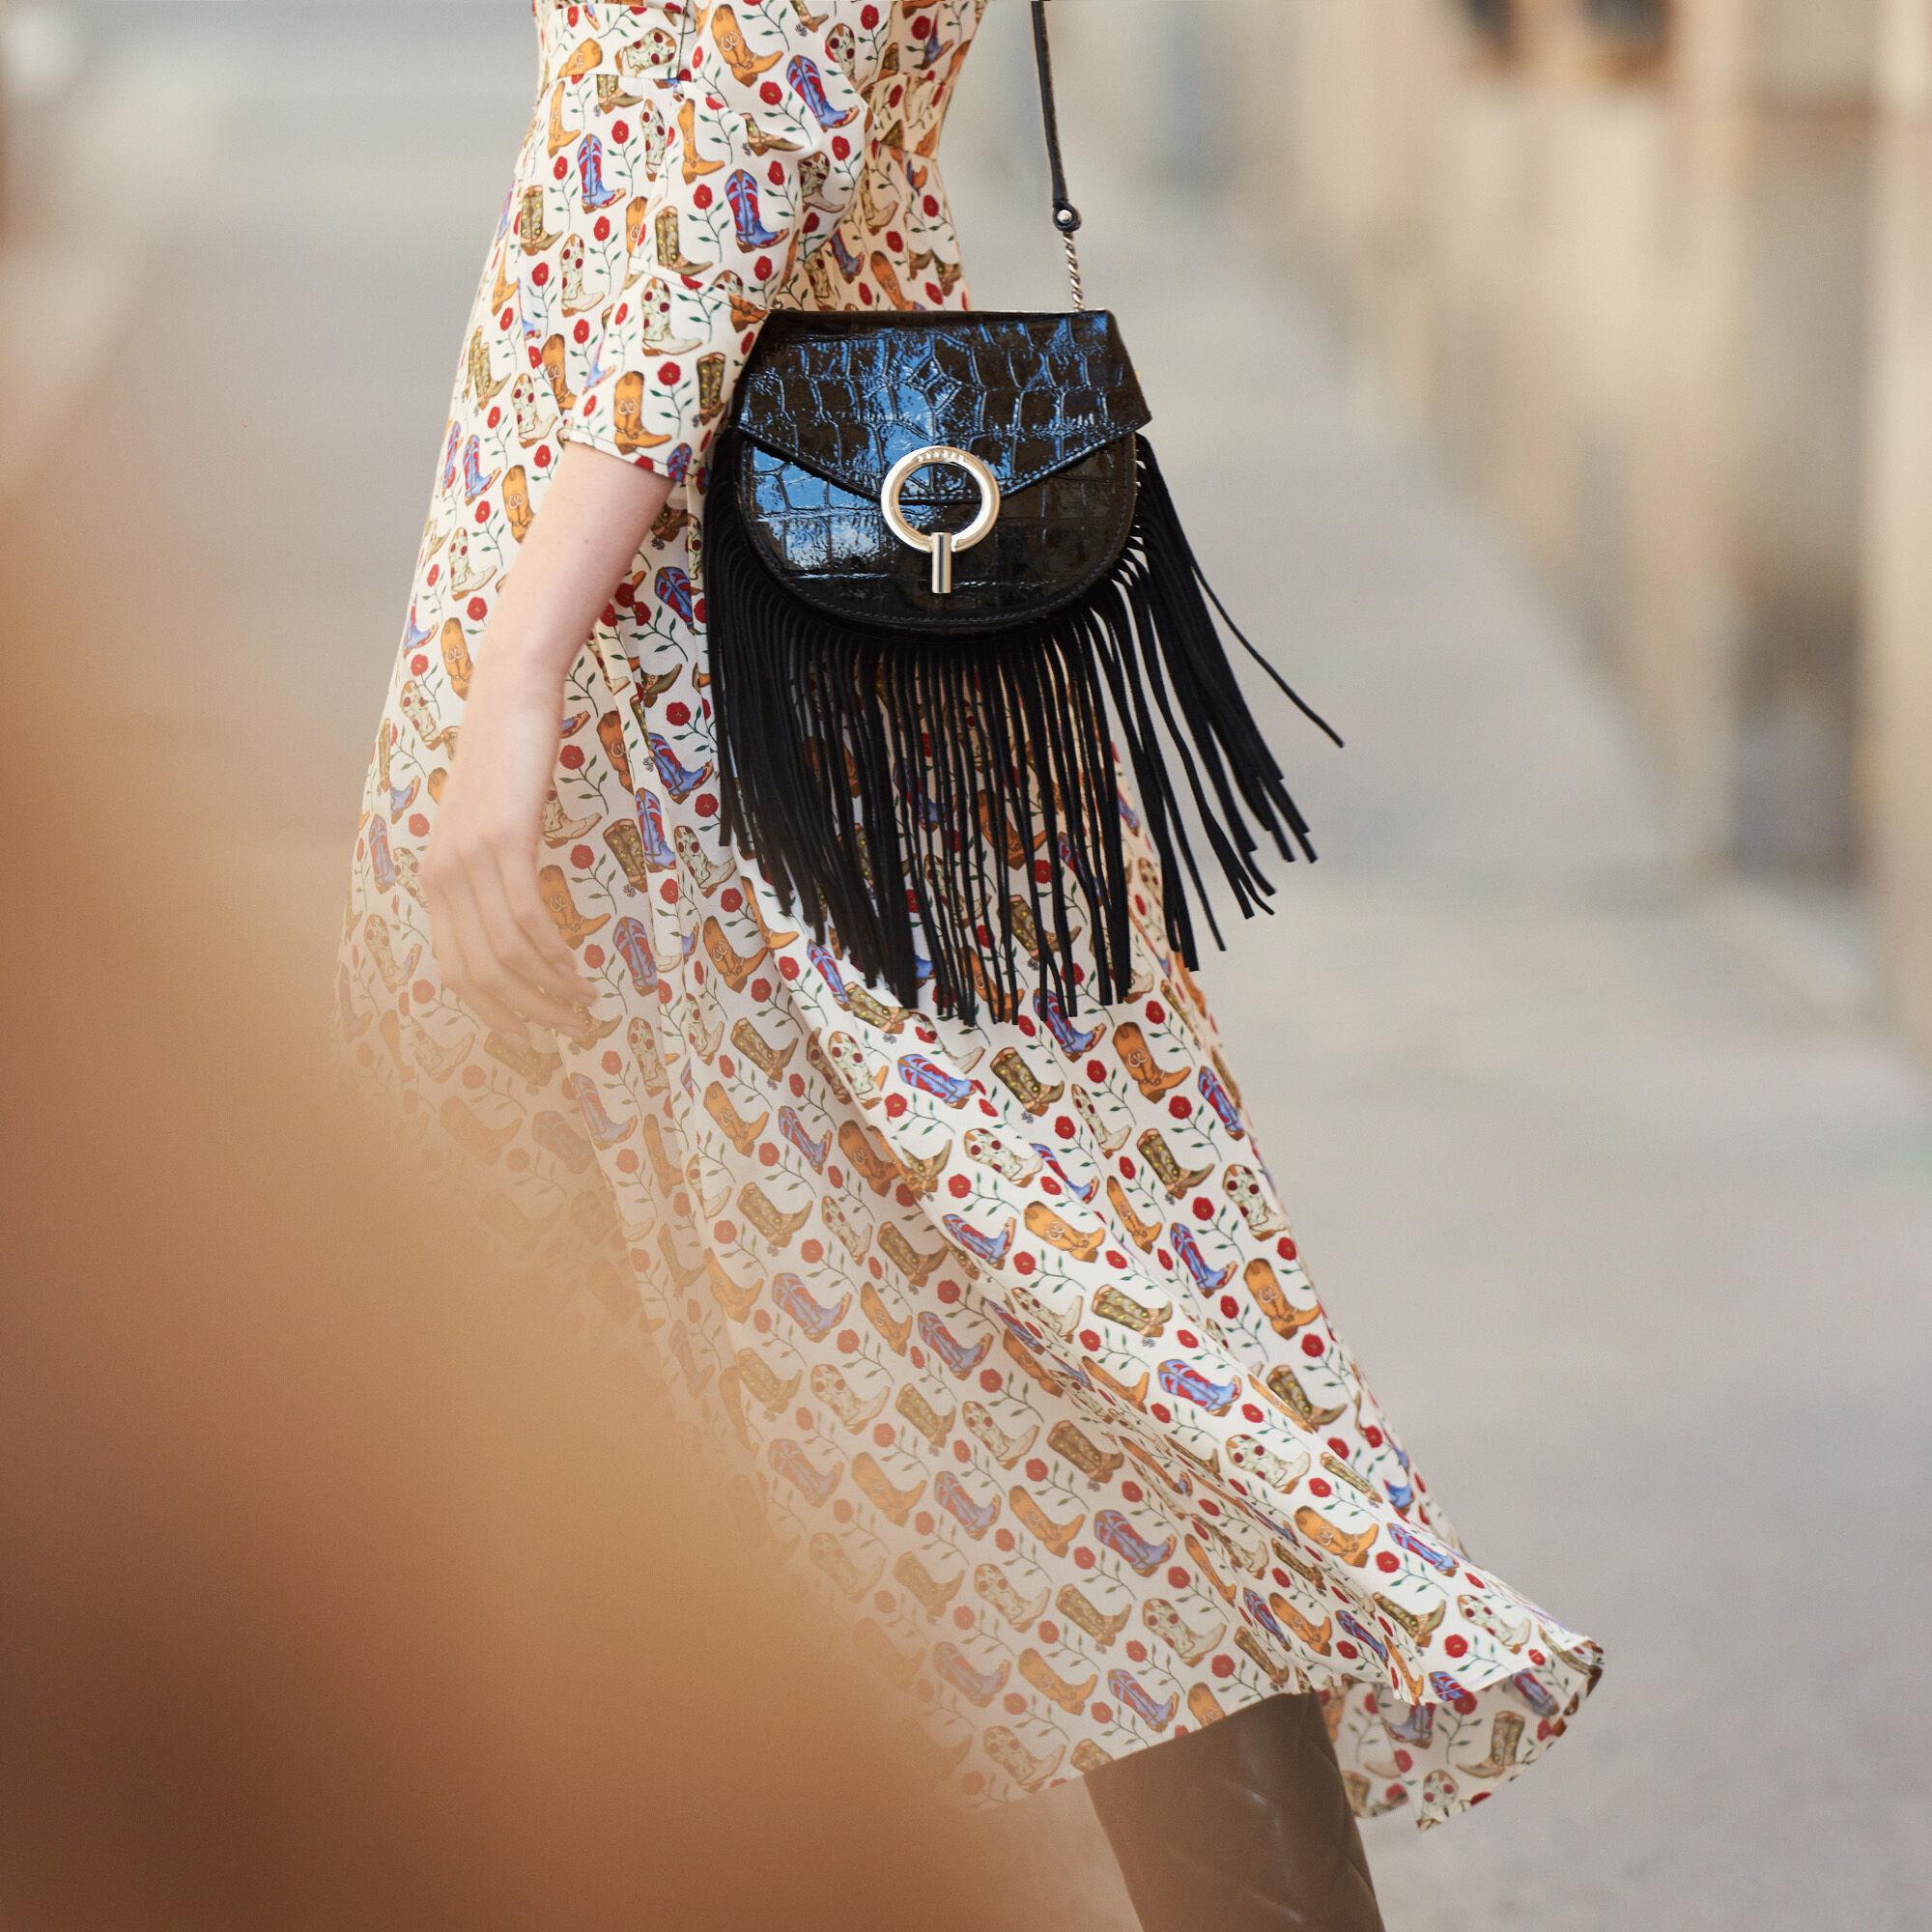 De LuxeCollection Sacs Femme Et Pour Maroquinerie EDIW9H2Y